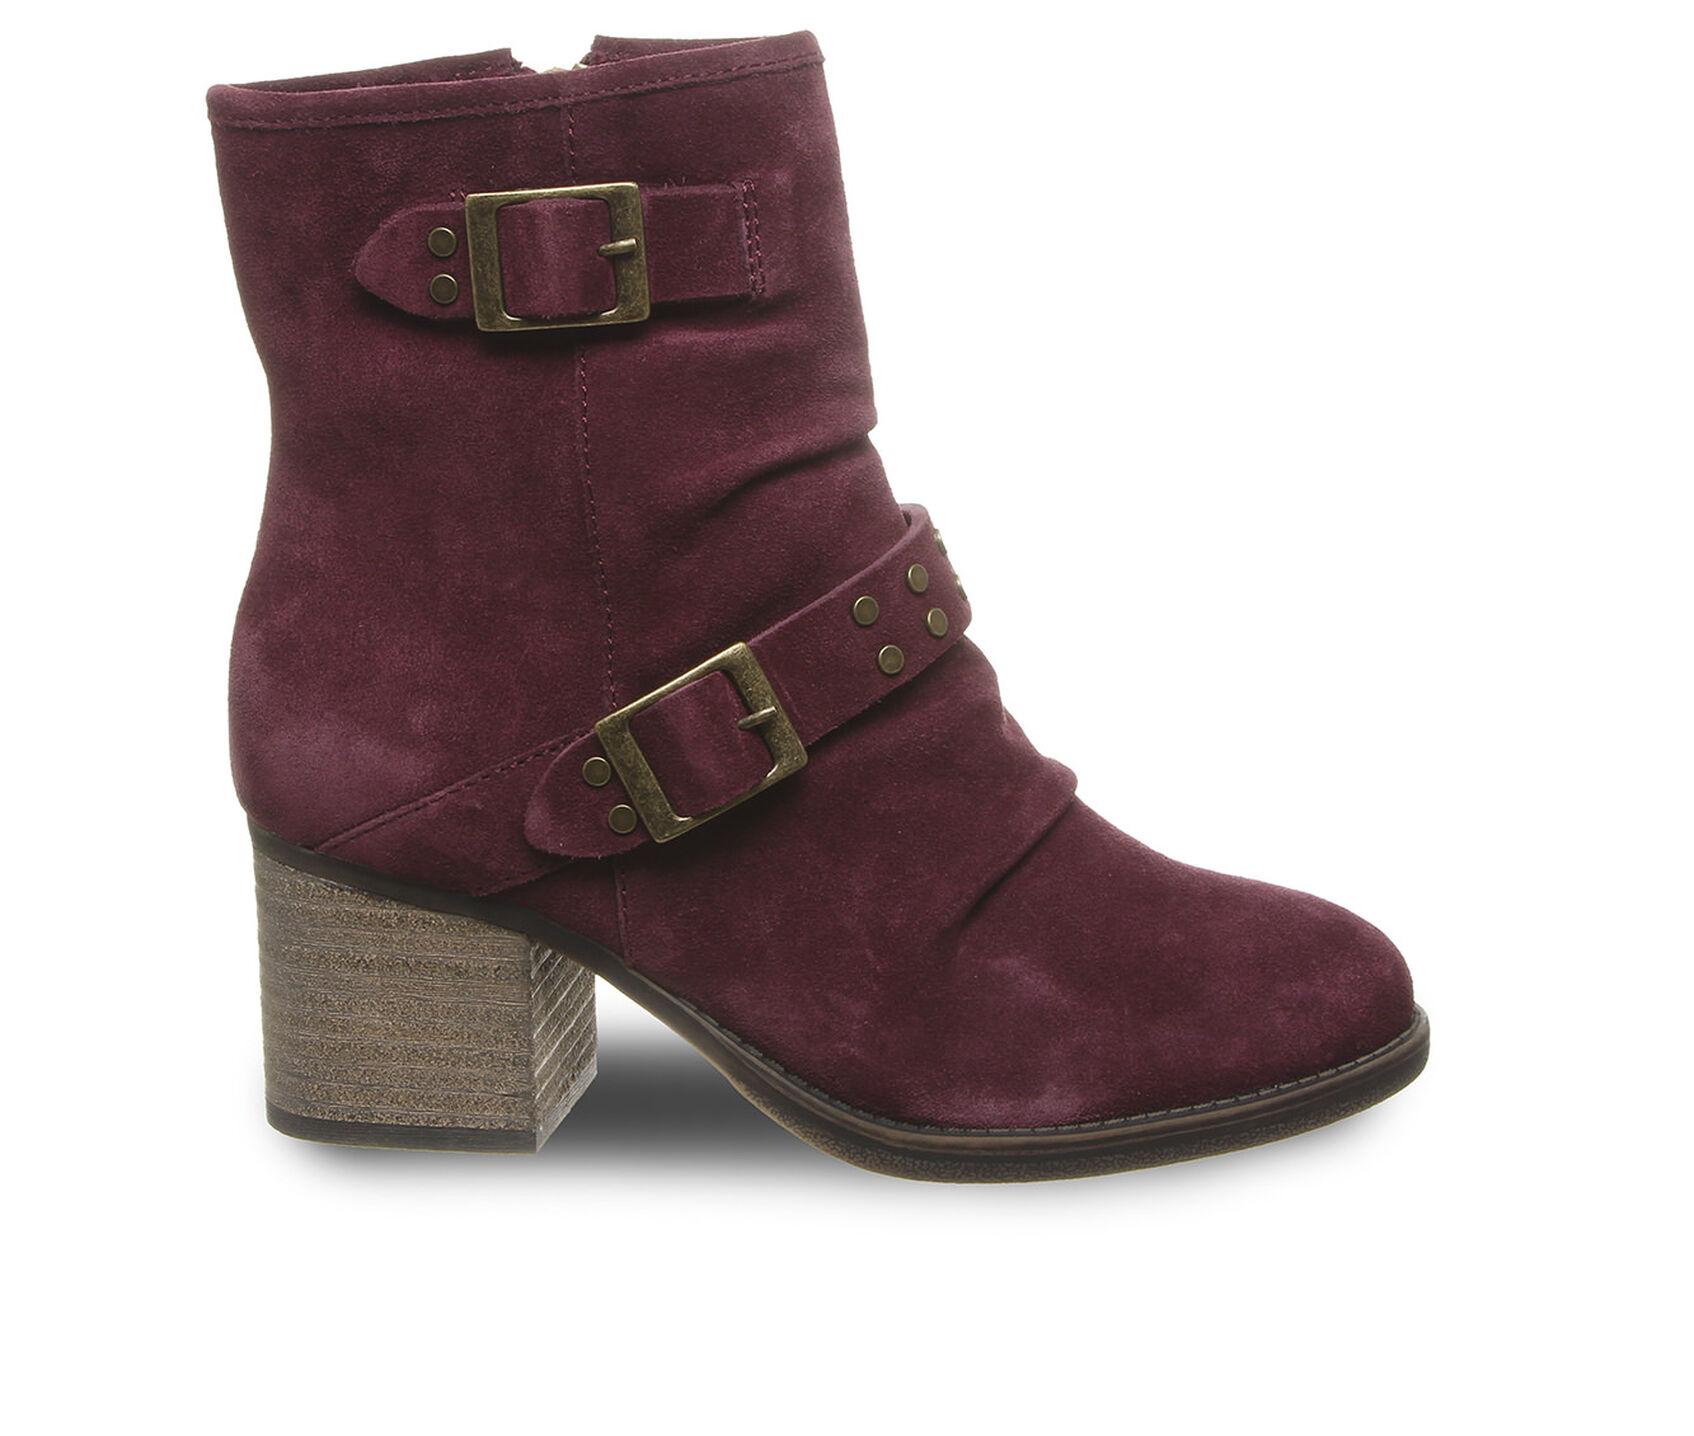 54185ce8570 Women's Bearpaw Amethyst Booties | Shoe Carnival